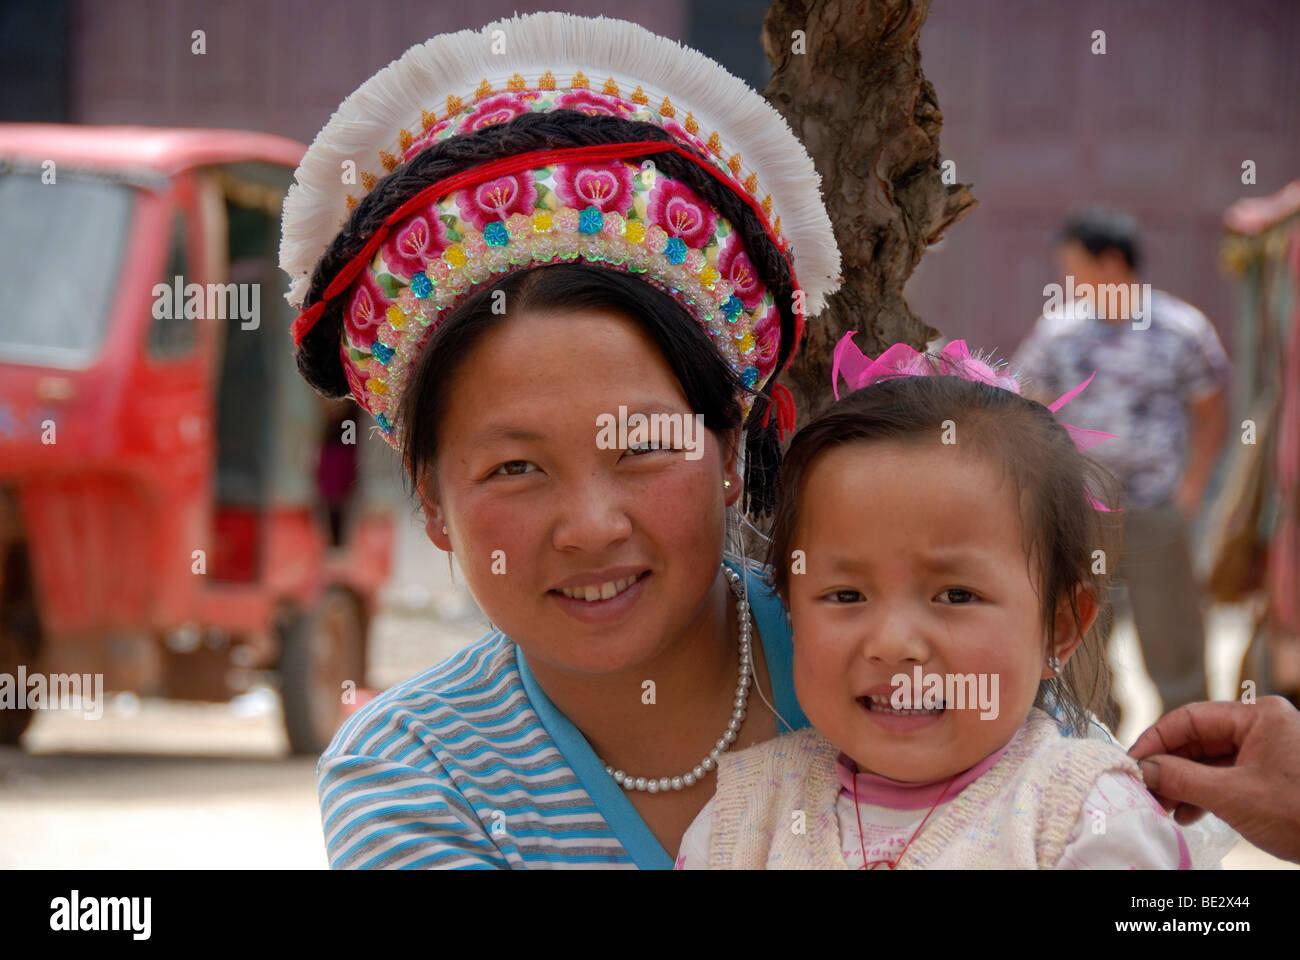 Porträt, Ethnologie, Frau der Volksgruppe Bai mit typischer Kopfbedeckung und ein Kleinkind, Yongning, Lugu Stockbild